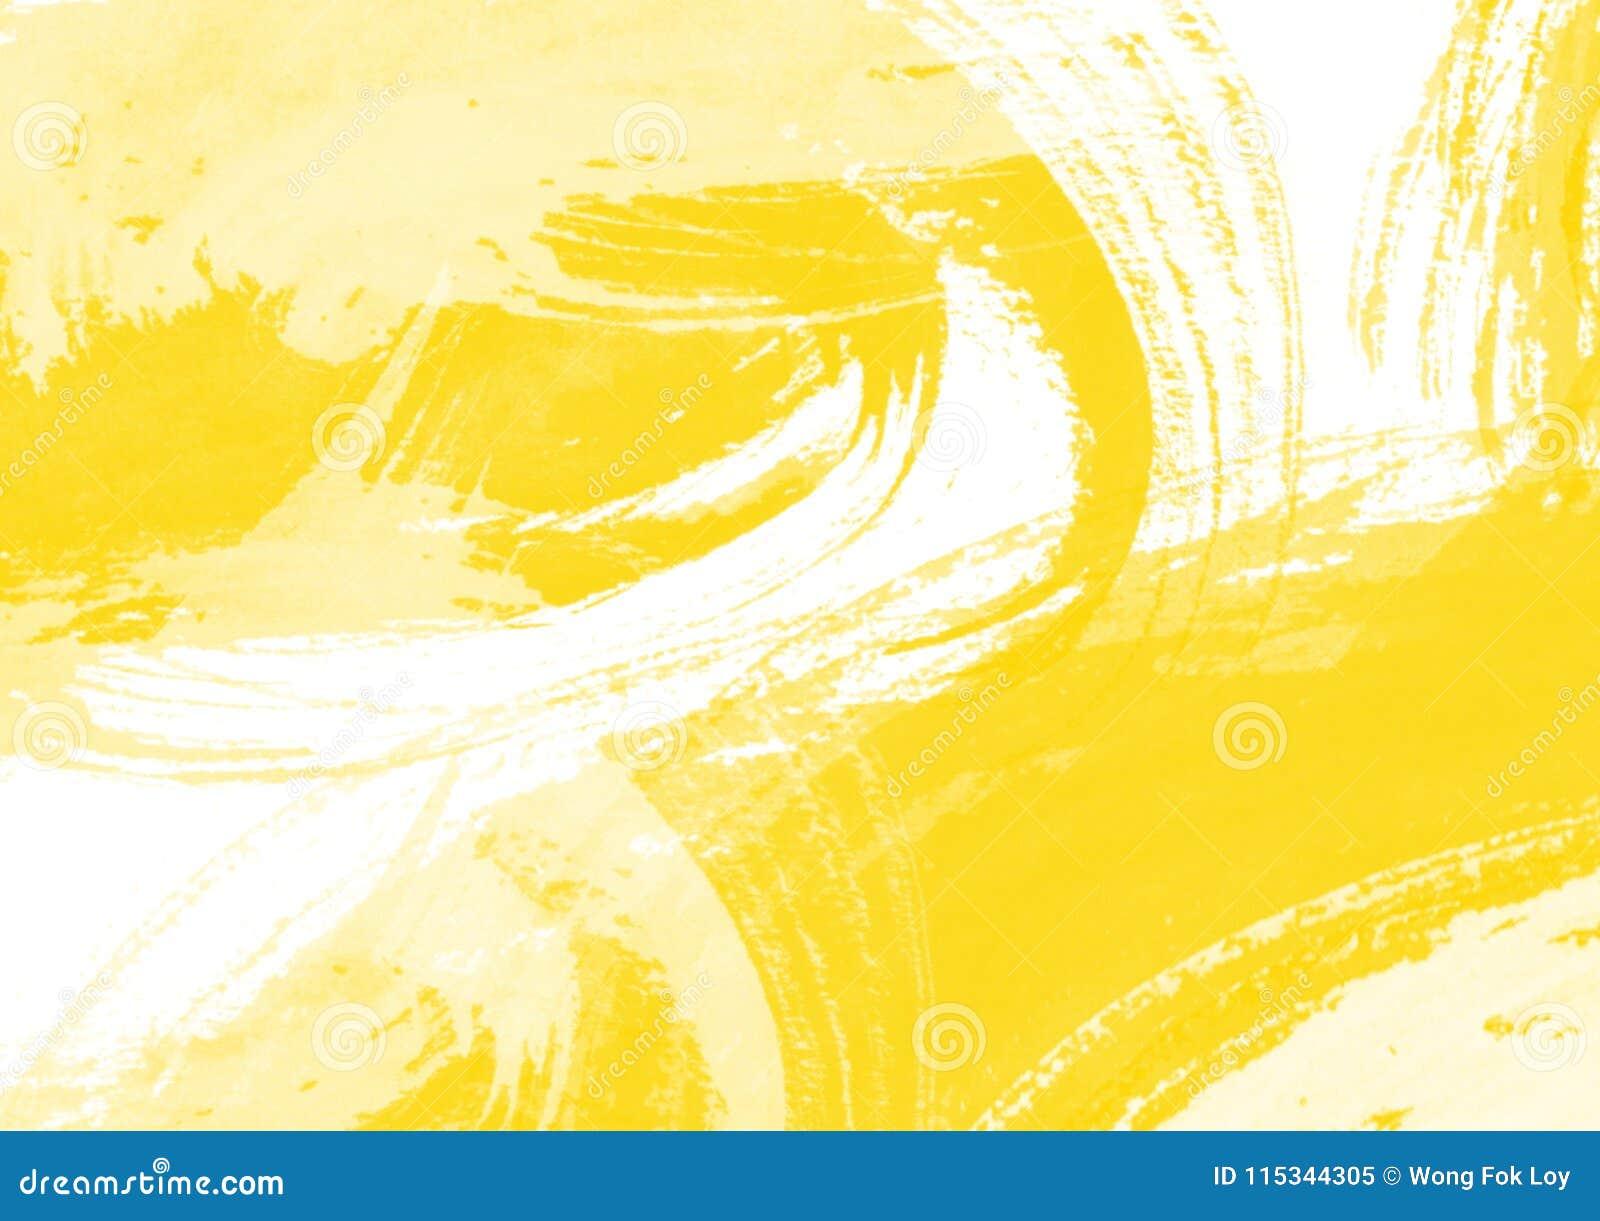 颜色补丁图表刷子冲程设计背景的作用元素